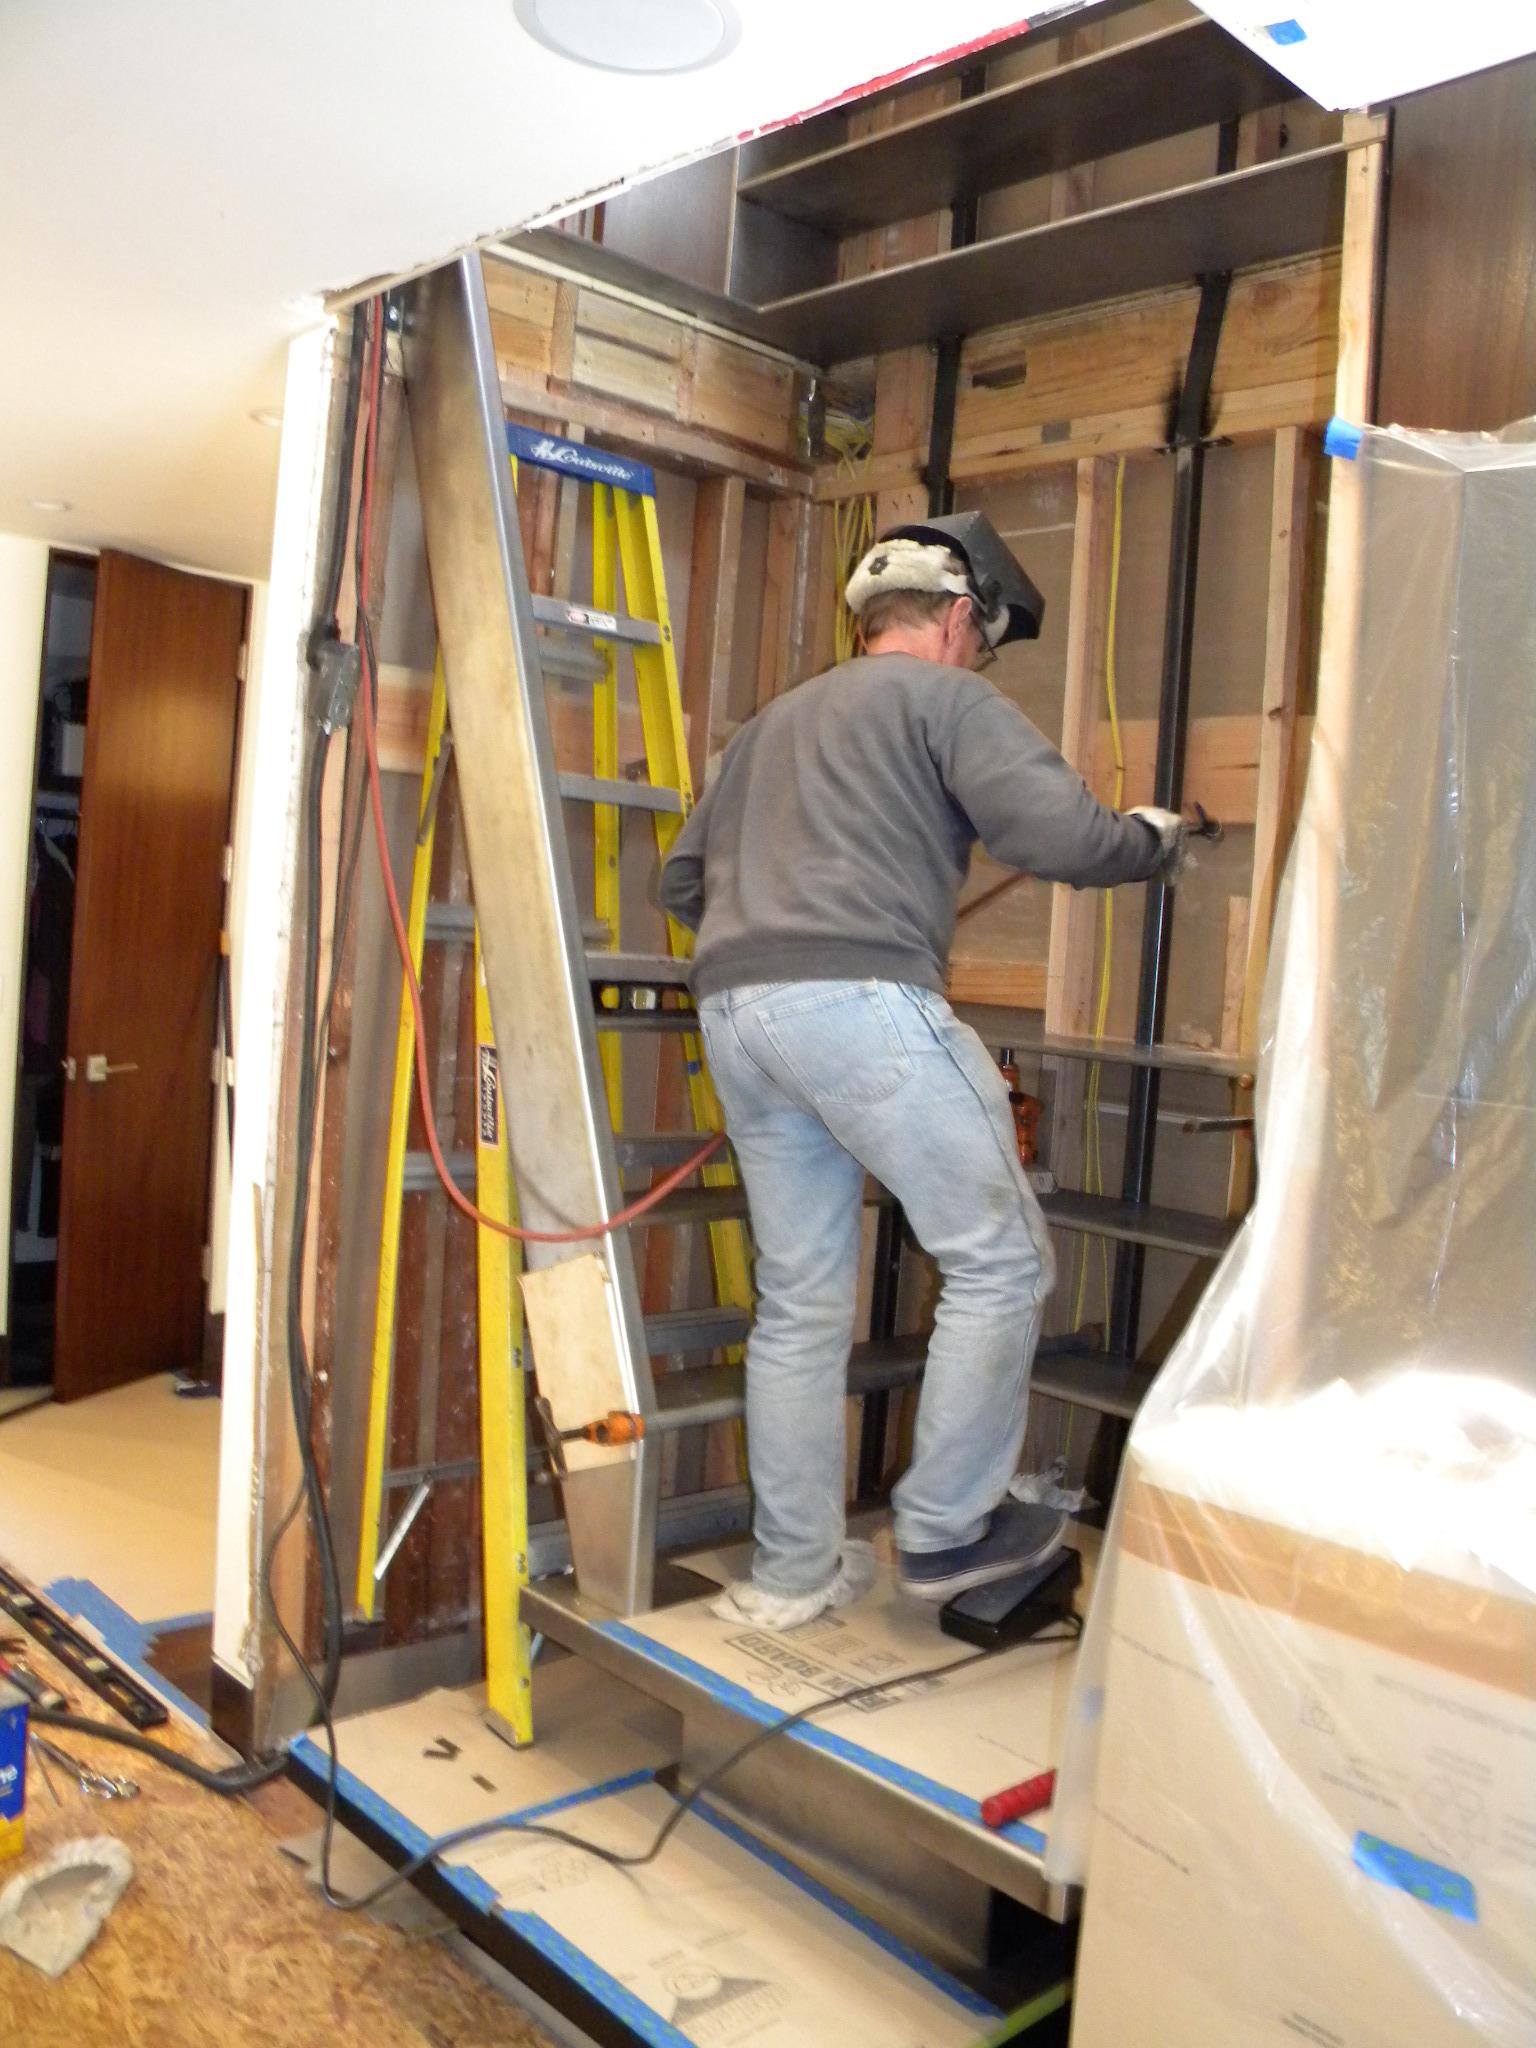 master-craftsman-metal-worker-steel-staircase-DSCN7244.jpg